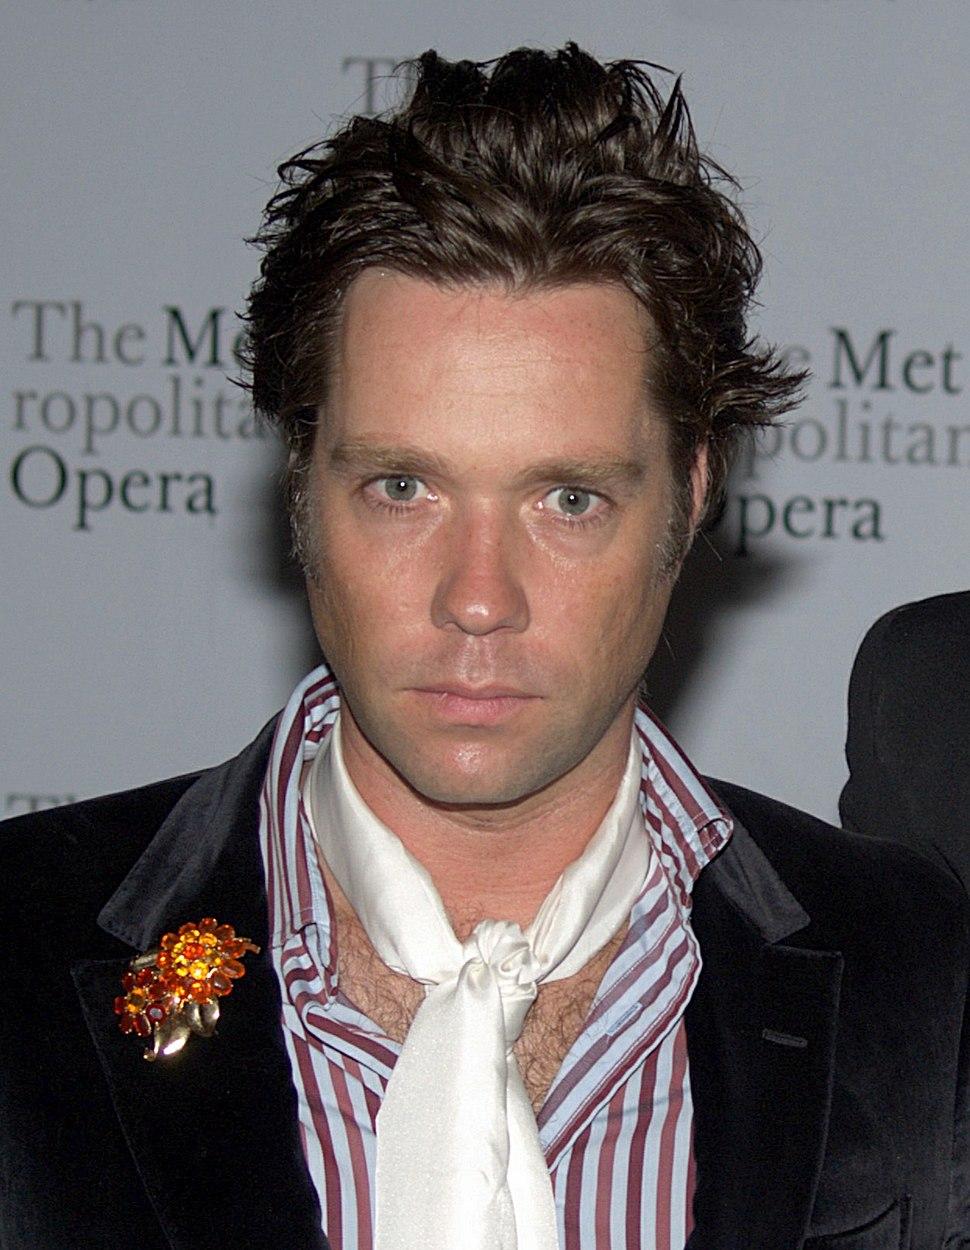 Rufus Wainwright Met Opera 2010 Shankbone